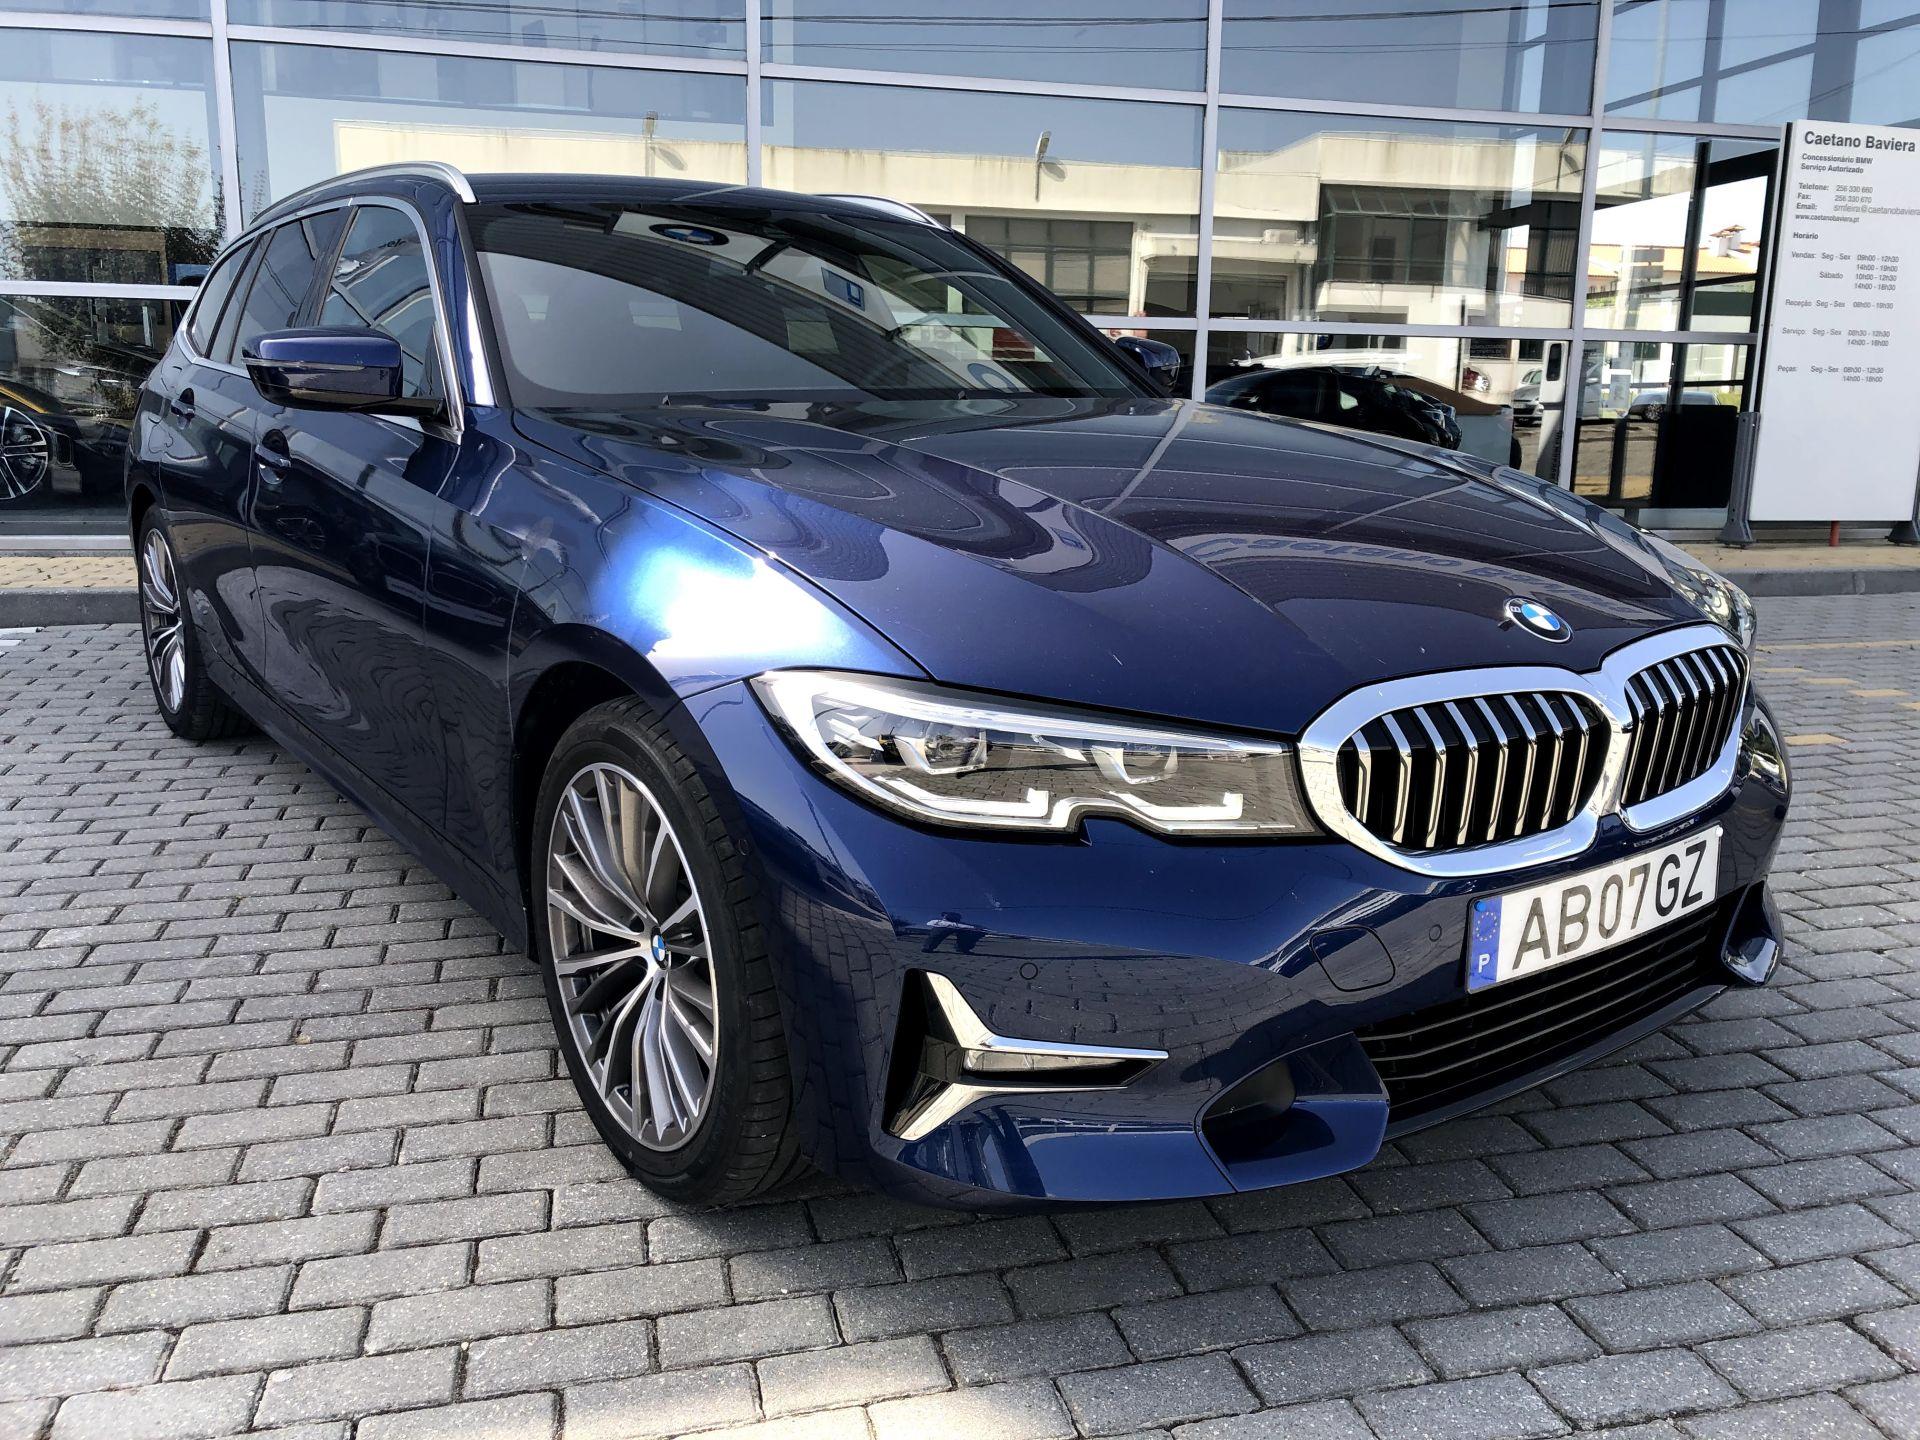 BMW Serie 3 320d Touring Auto (Viatura Demonstração) segunda mão Aveiro